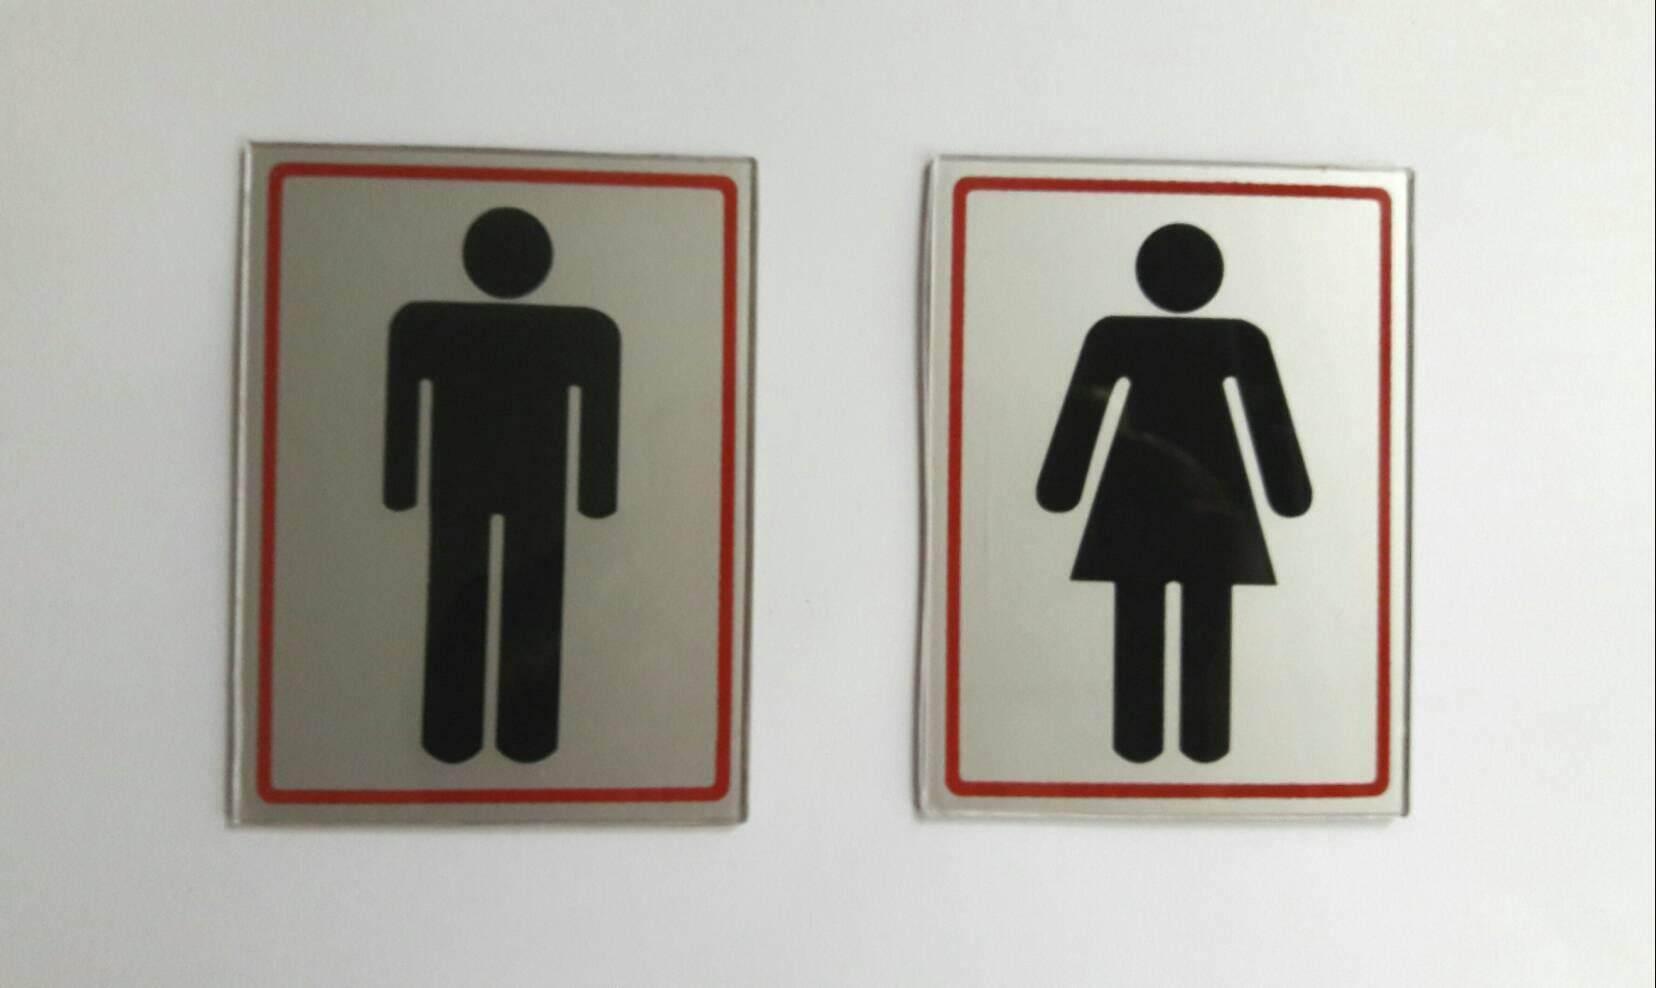 Jd ป้าย สัญลักษณ์ ชาย หญิง ป้ายห้องน้ำ (7ซม.x10ซม. 2แผ่น).